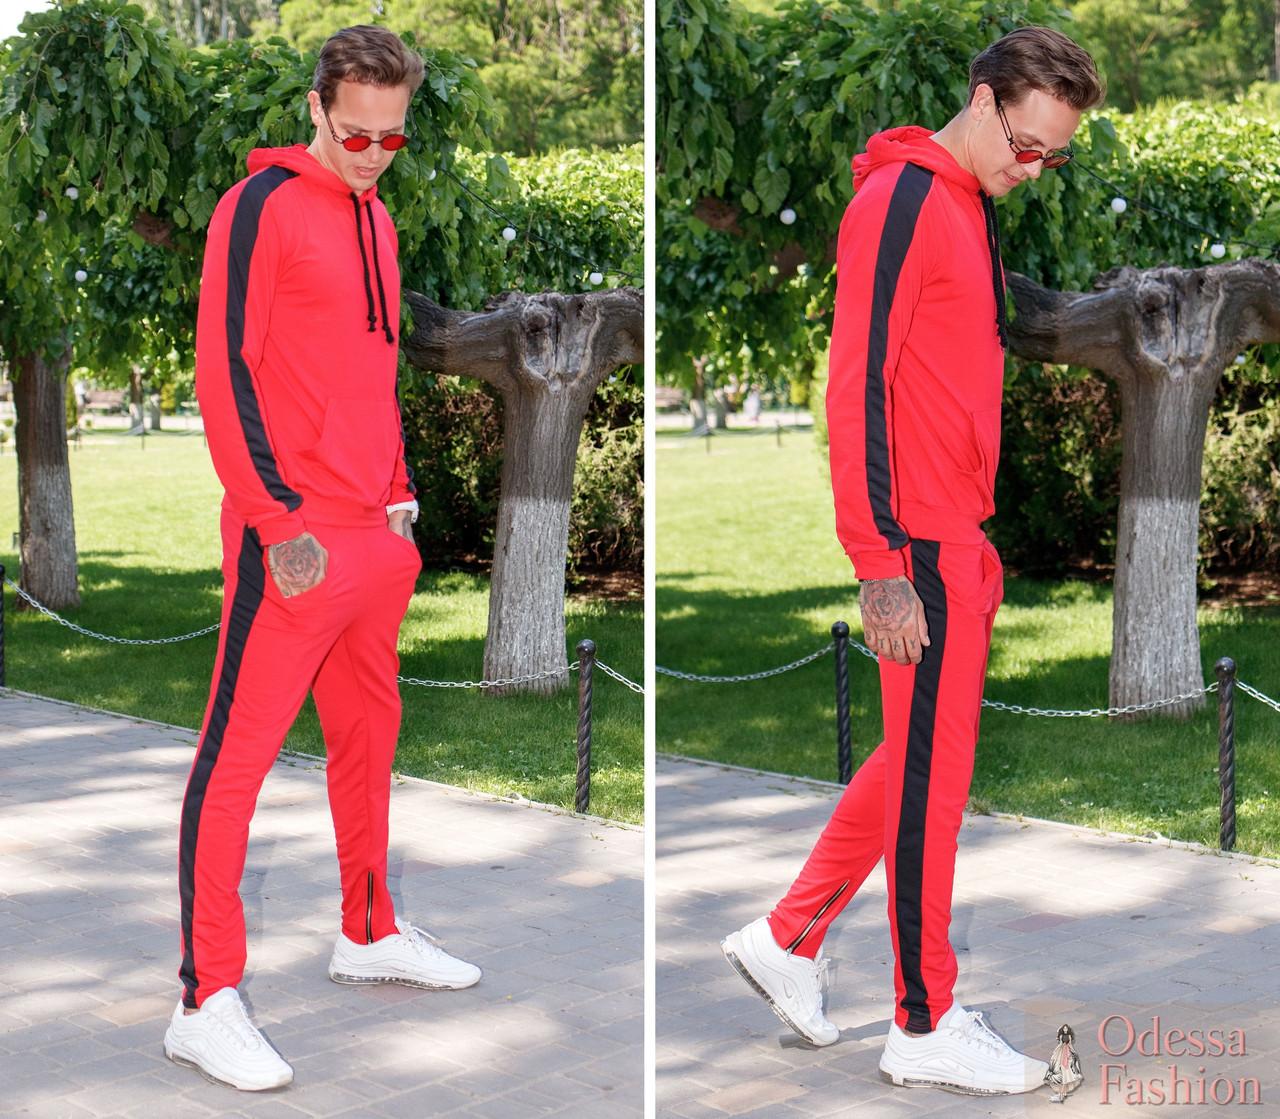 Спортивный прогулочный мужской молодежный костюм: кофта с капюшоном и штаны со змейками внизу штанин